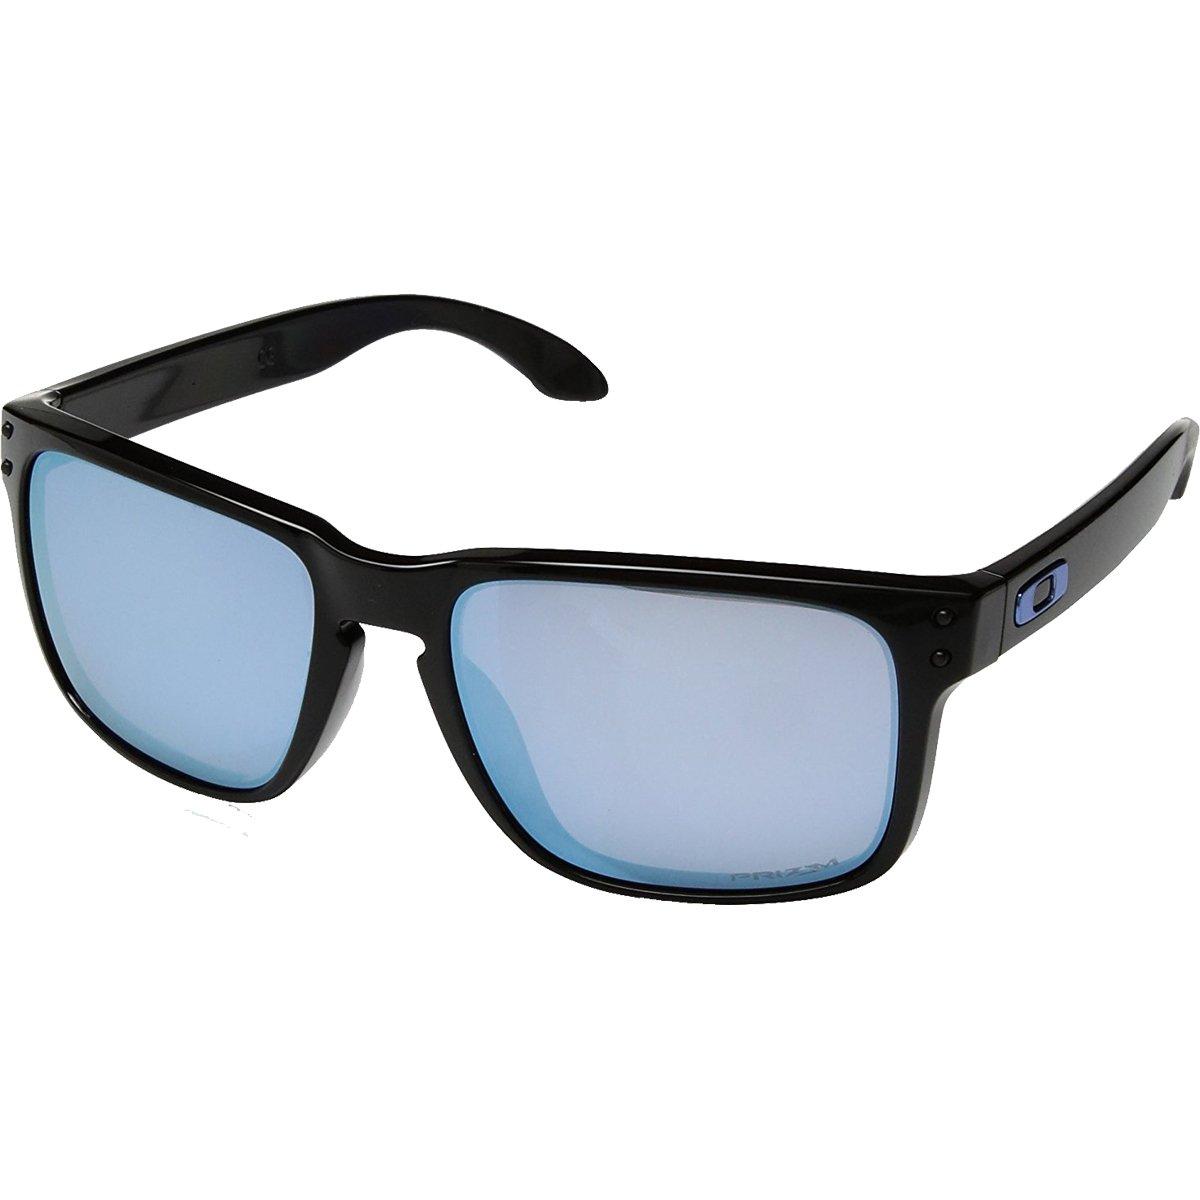 Oakley Holbrook Sunglasses, Polished Black, One Size by Oakley